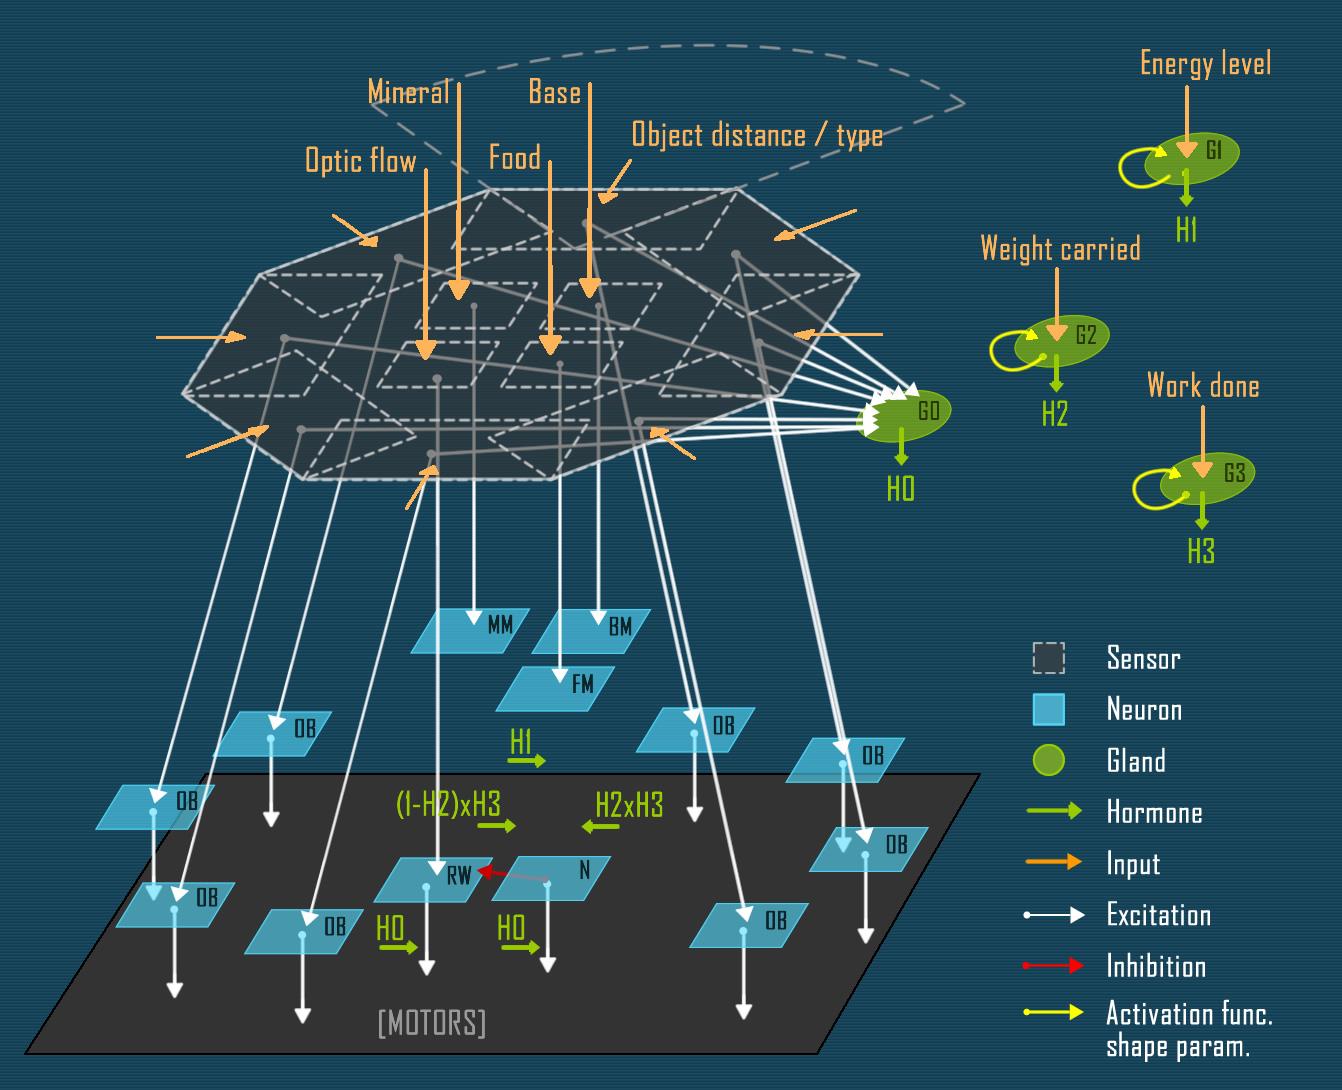 The network schema